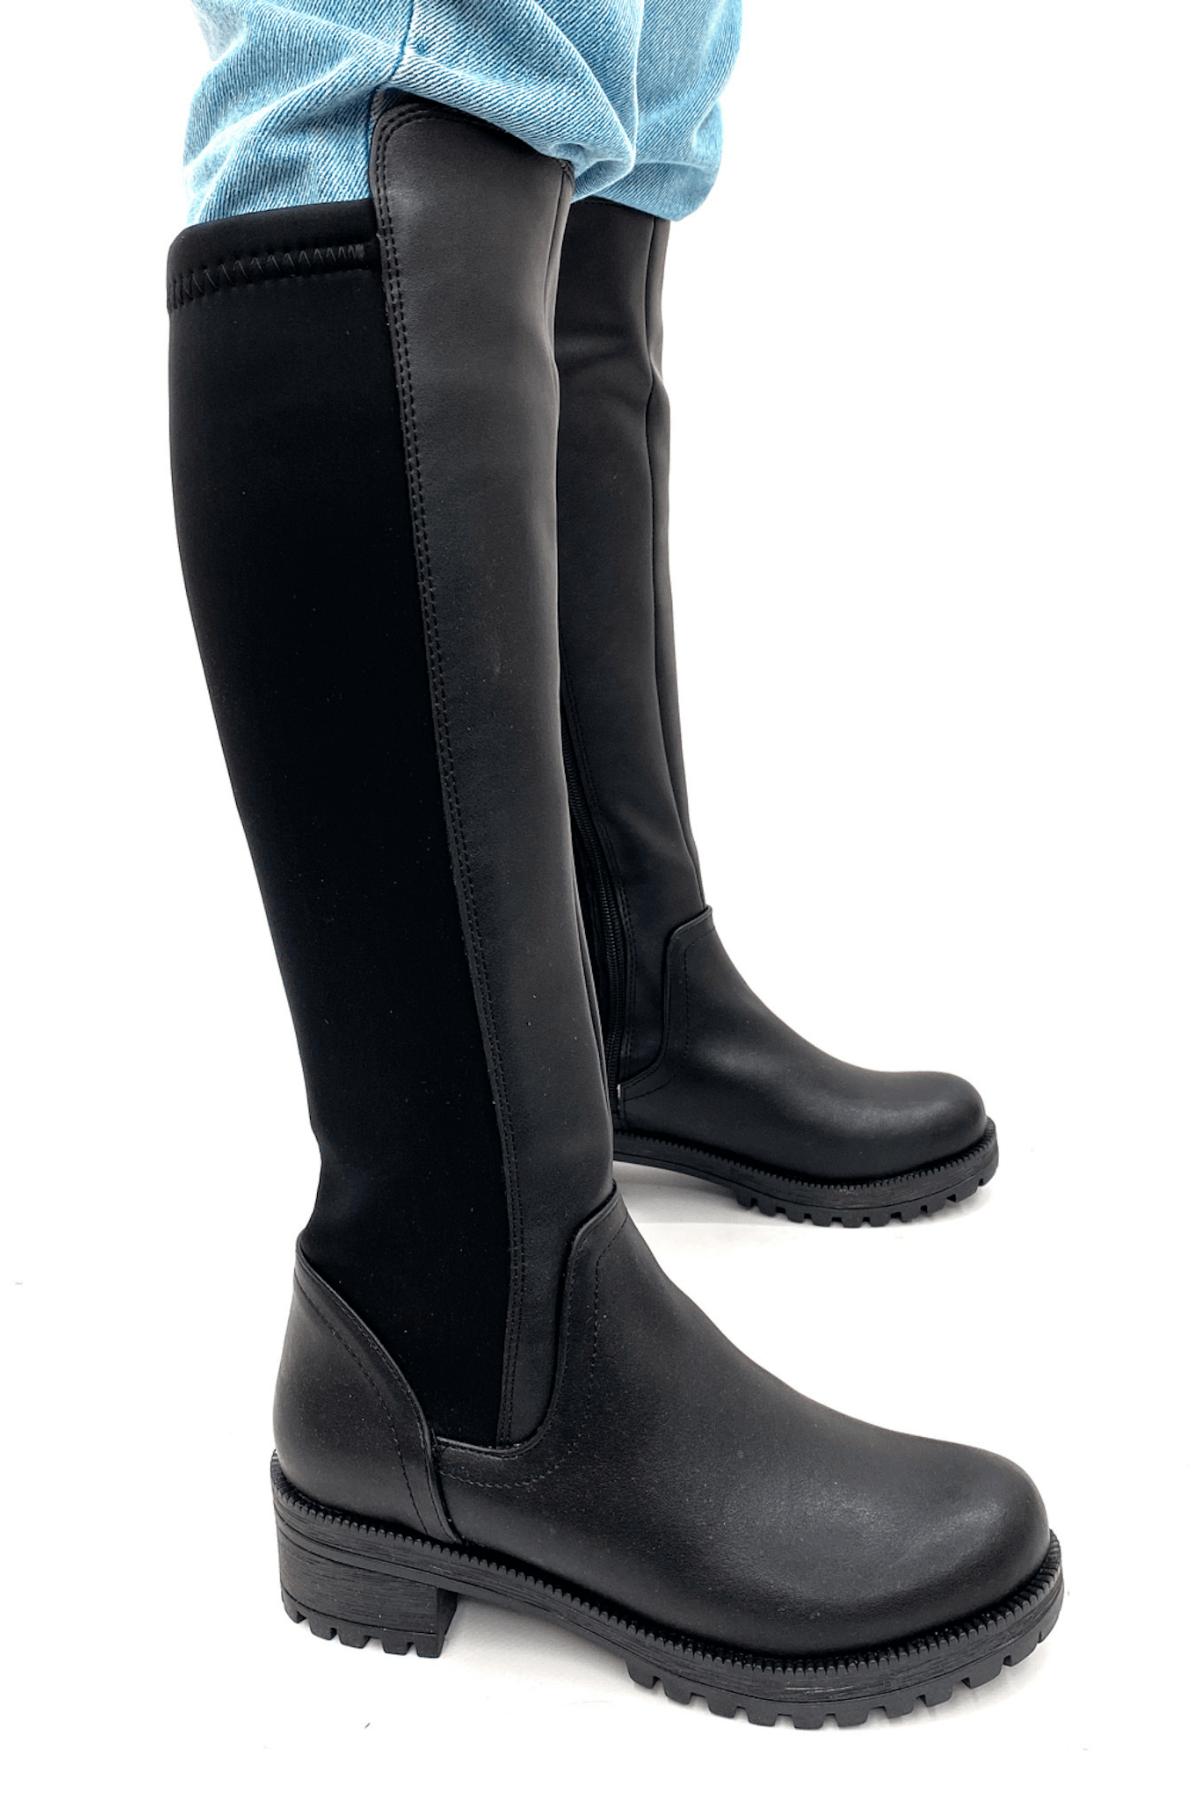 Stil Durağı Kadın Siyah Kalın Taban 3 cm Topuklu Sihirli Çizme 1